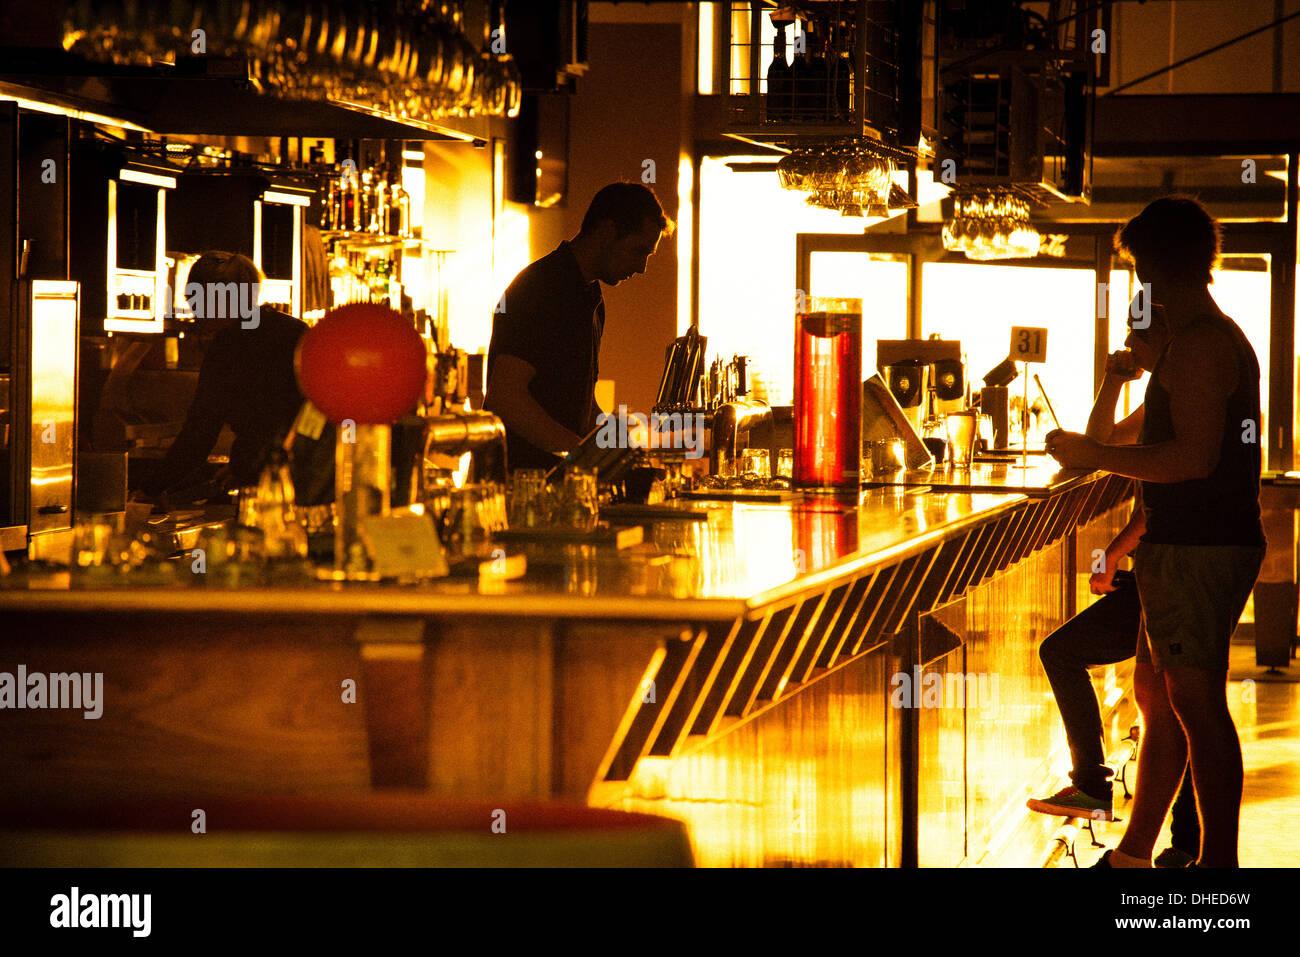 Empleados y patronos de un bar (en Glenelg Adelaida) siluetas contra el atardecer. Imagen De Stock